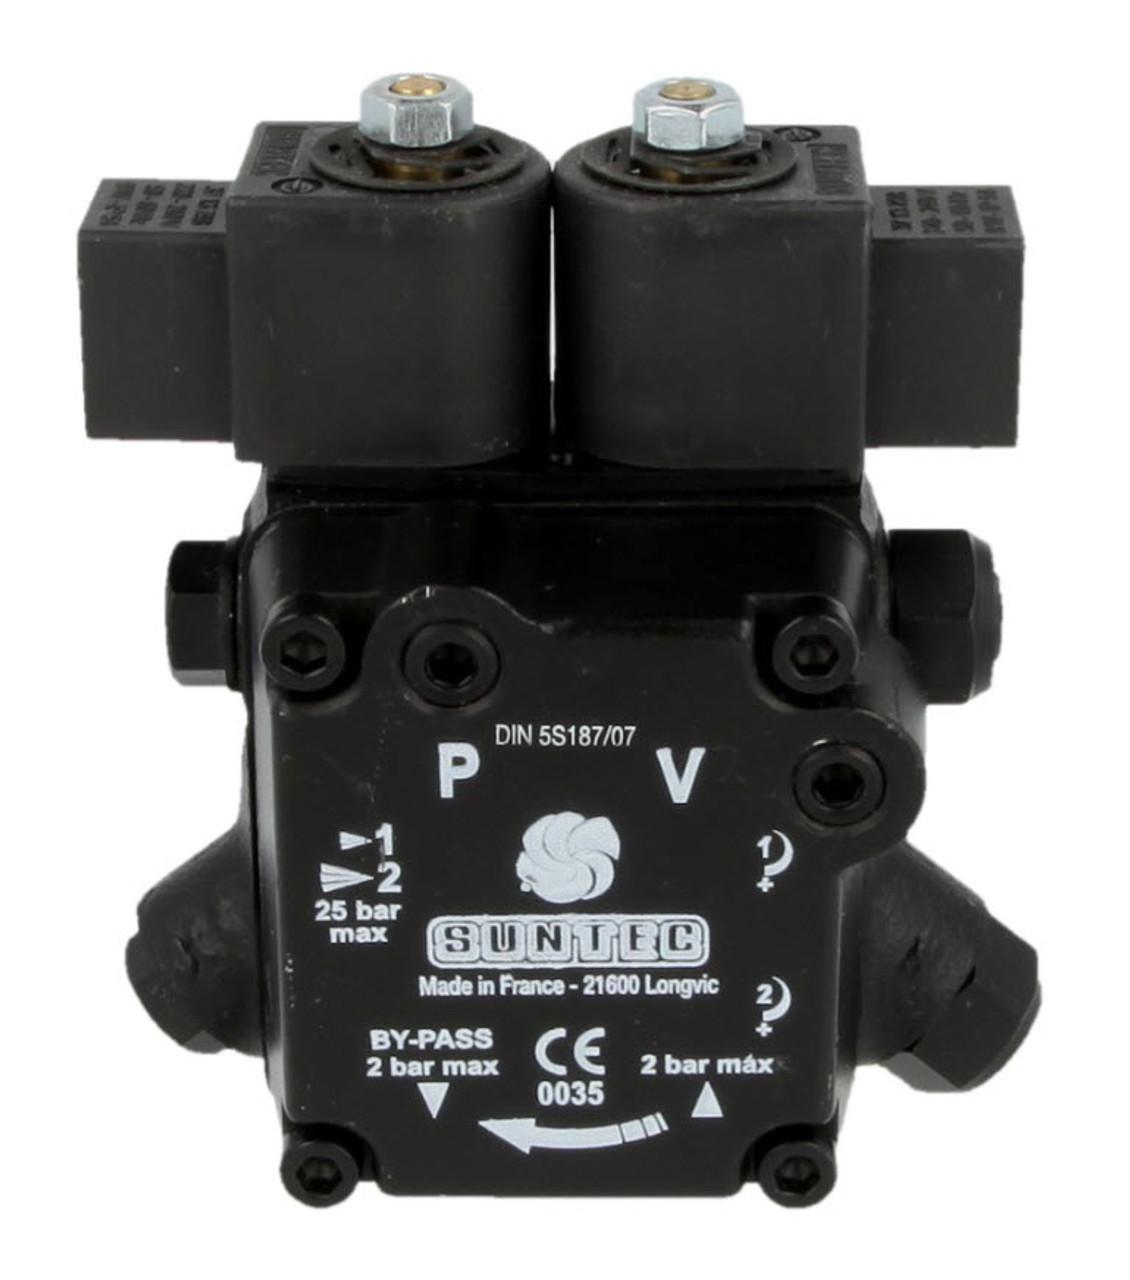 Suntec oil pump AT2 45 D 9544 4P 0500